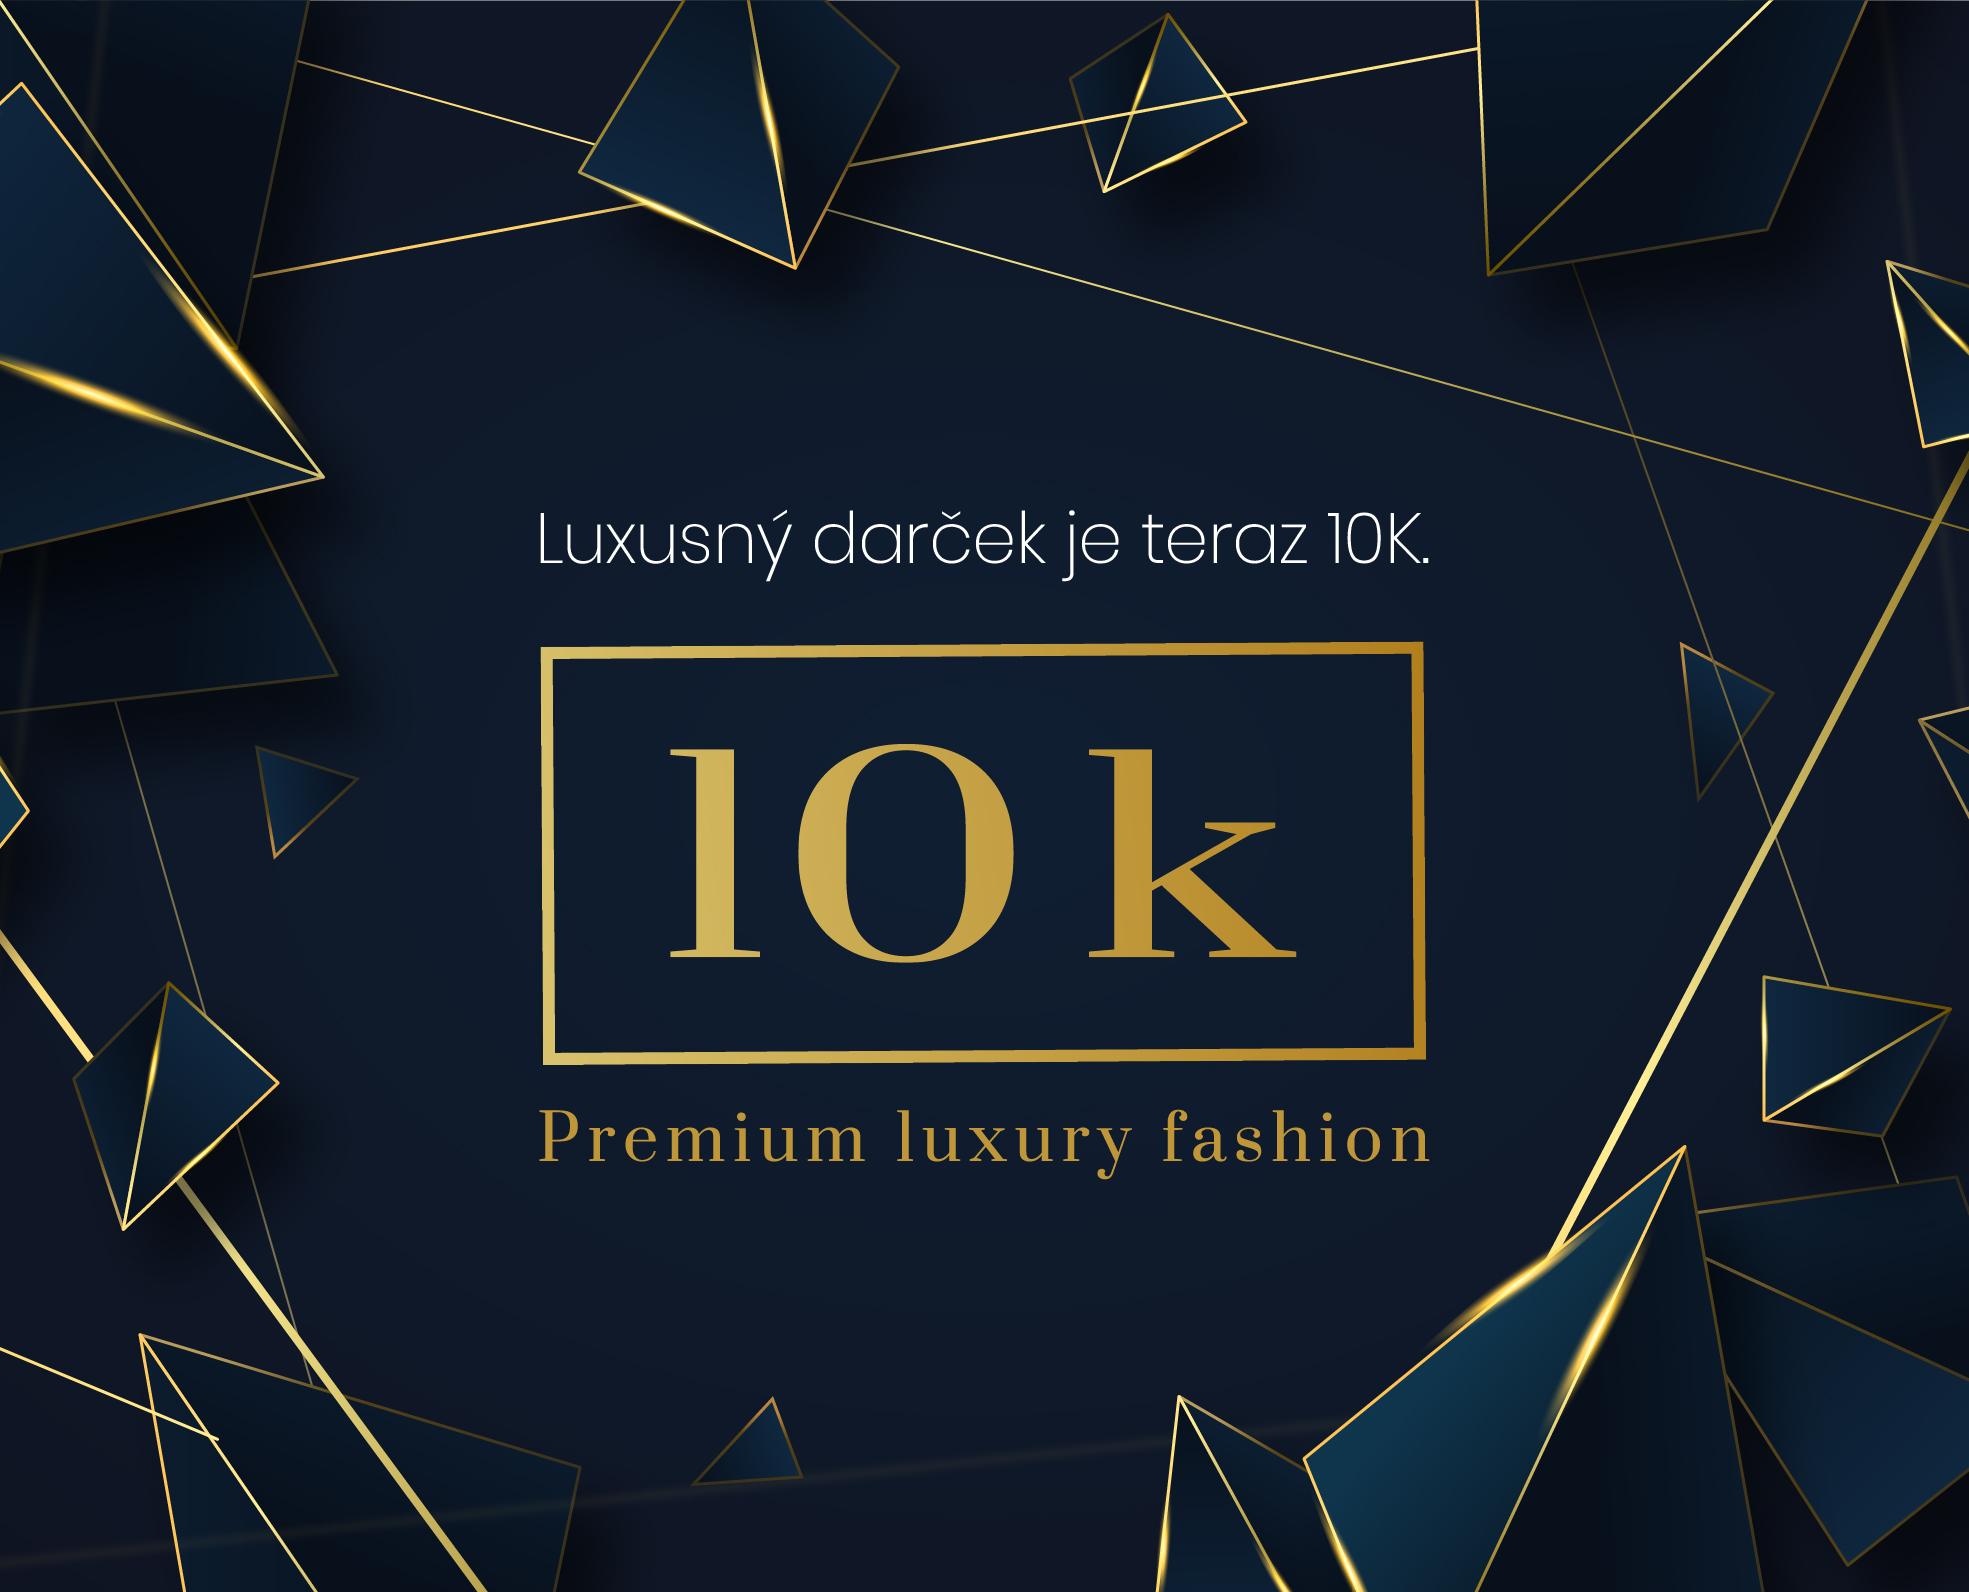 Luxusný darček je 10k